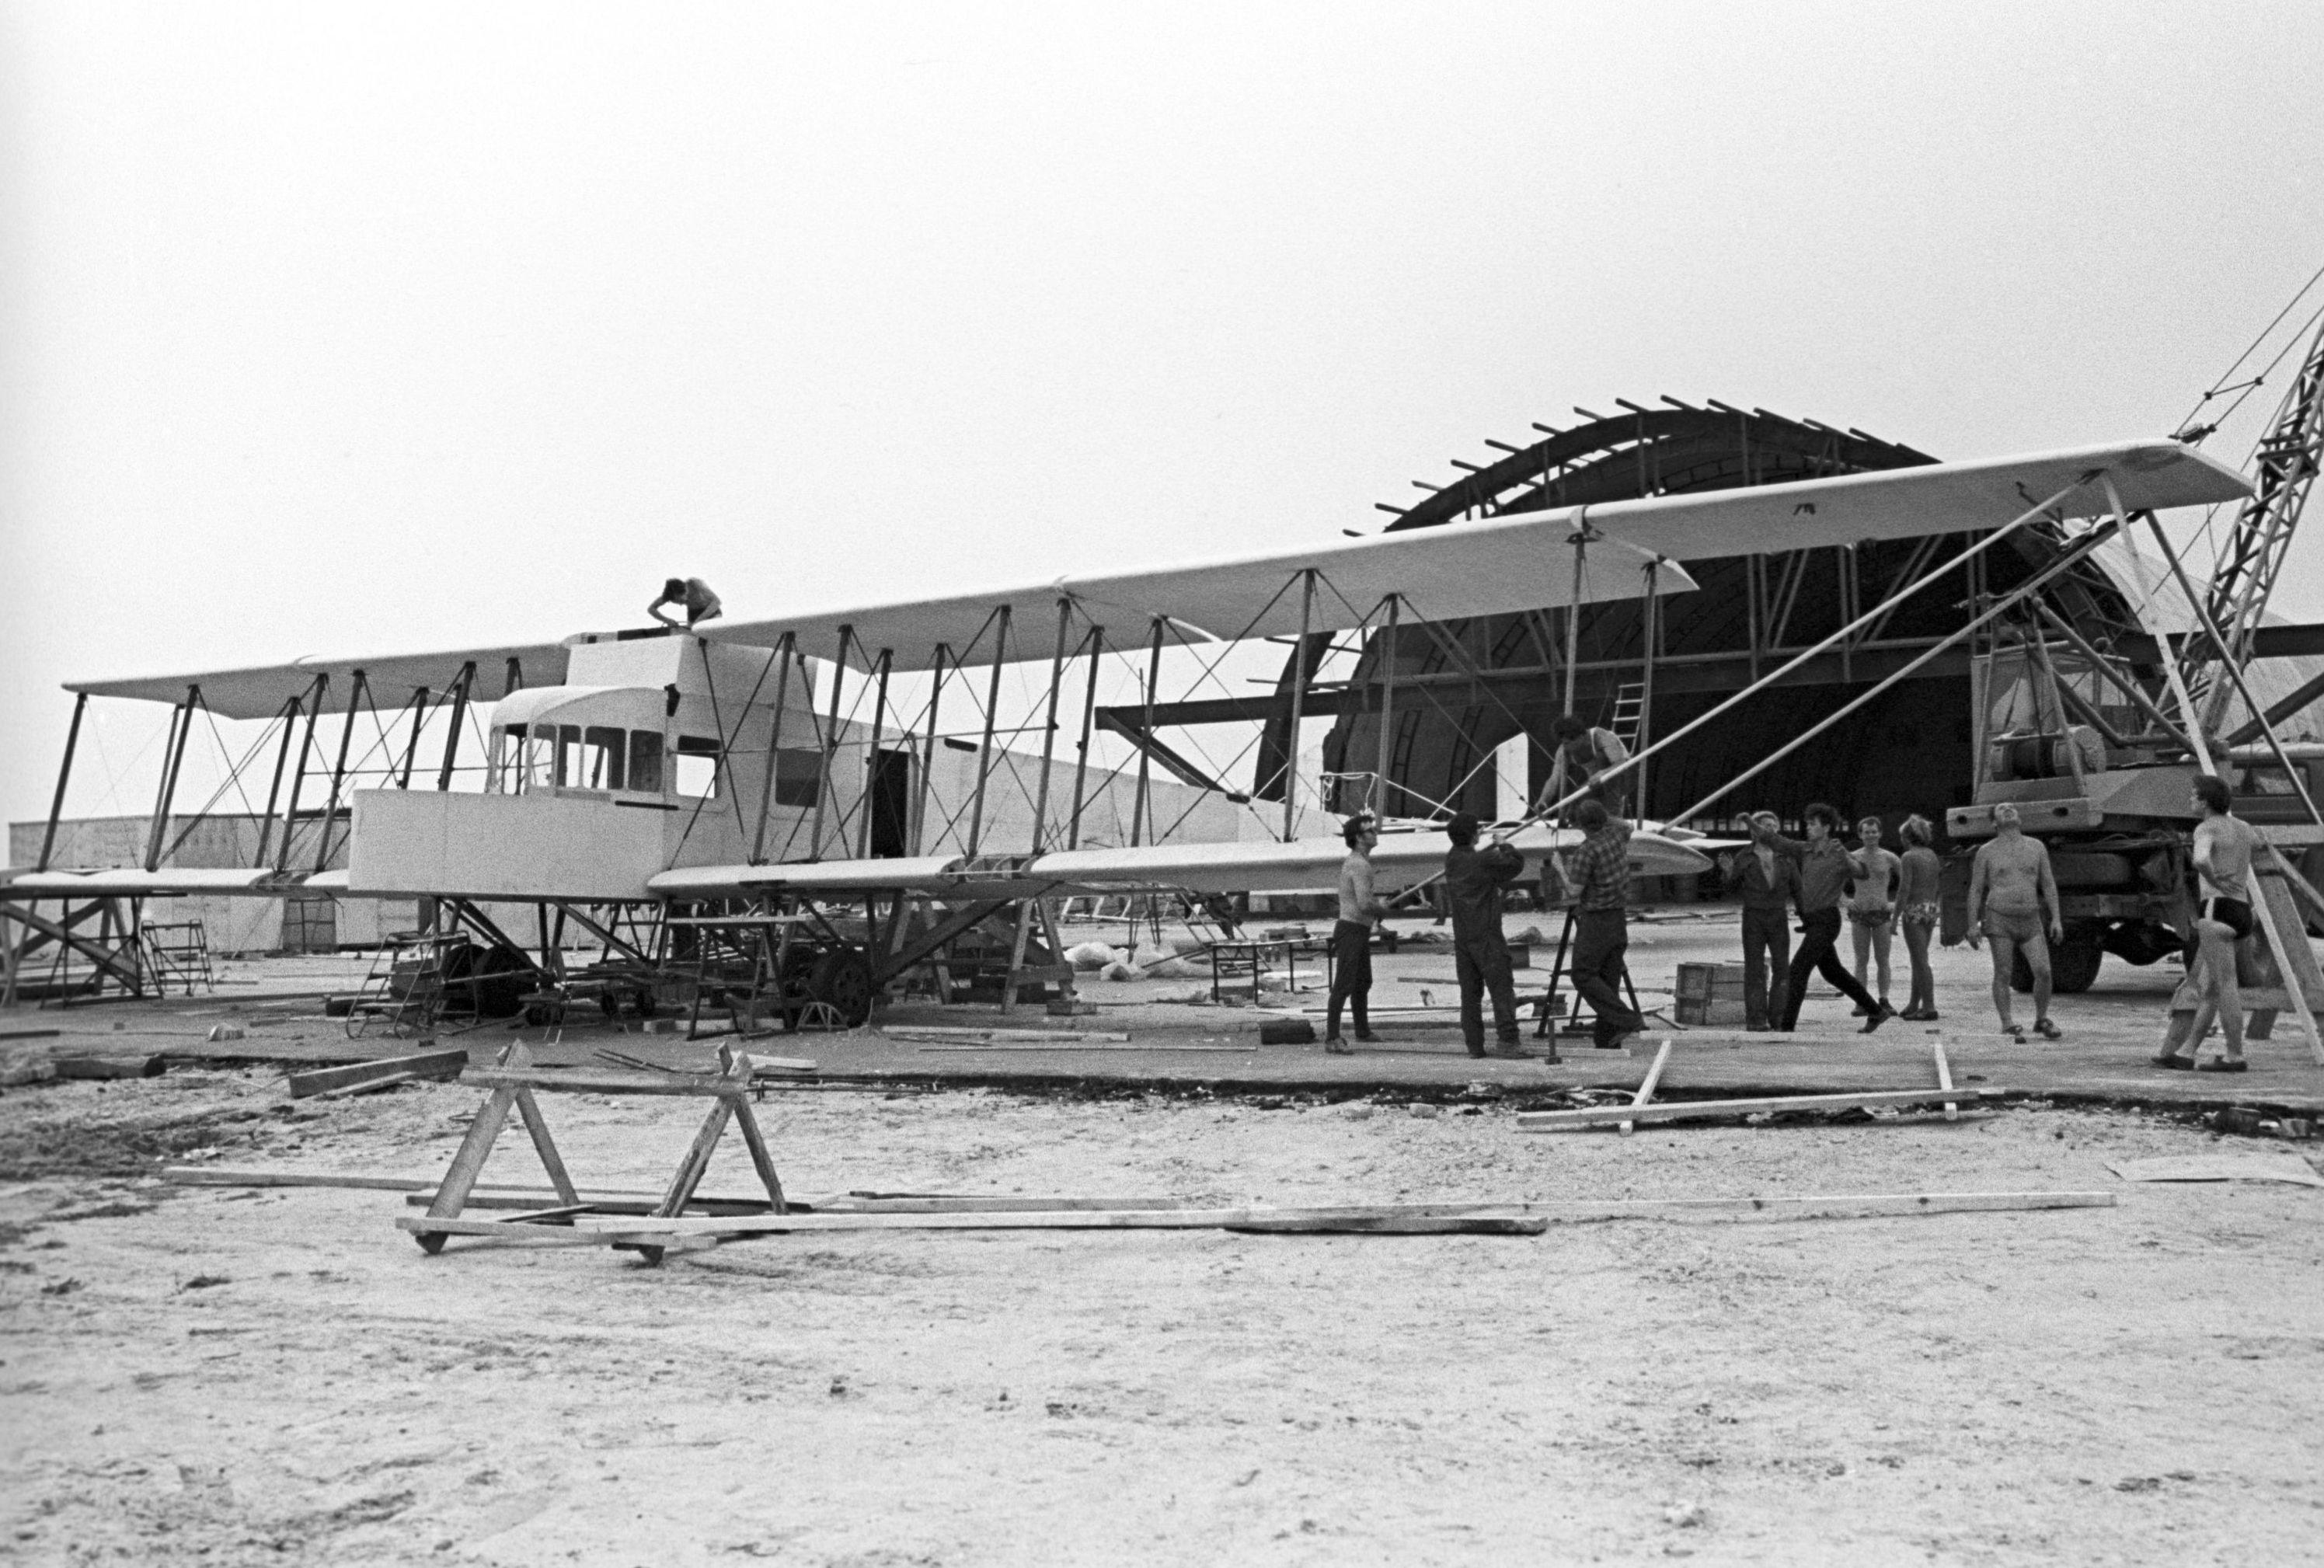 طائرة إيليا موروميتس